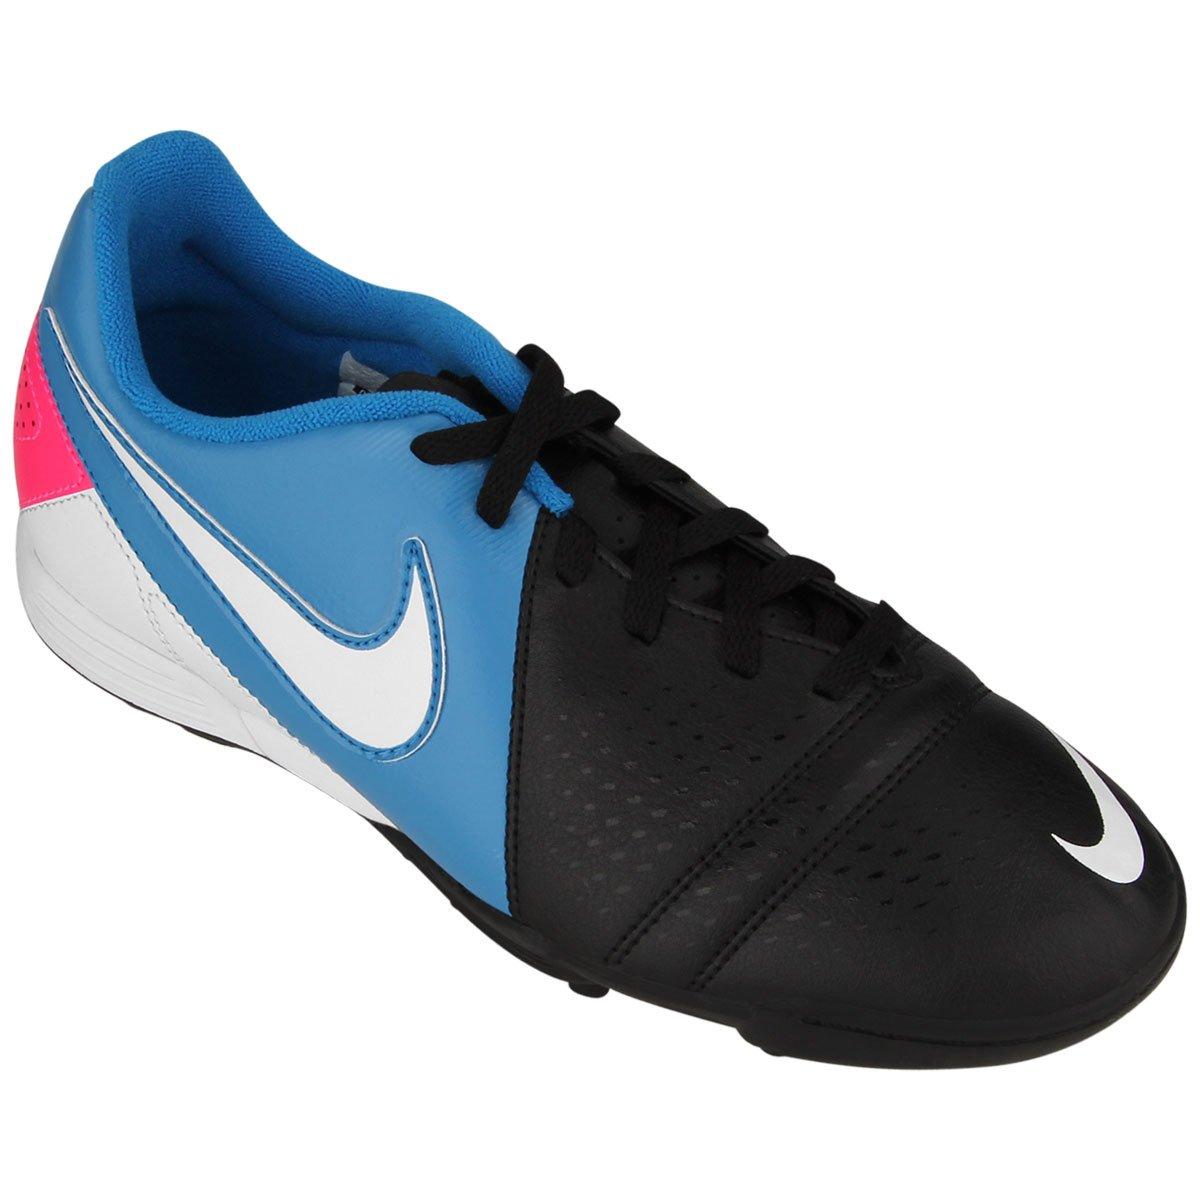 Chuteira Nike CTR360 Enganche 3 TF - Compre Agora  8a1773de4b453